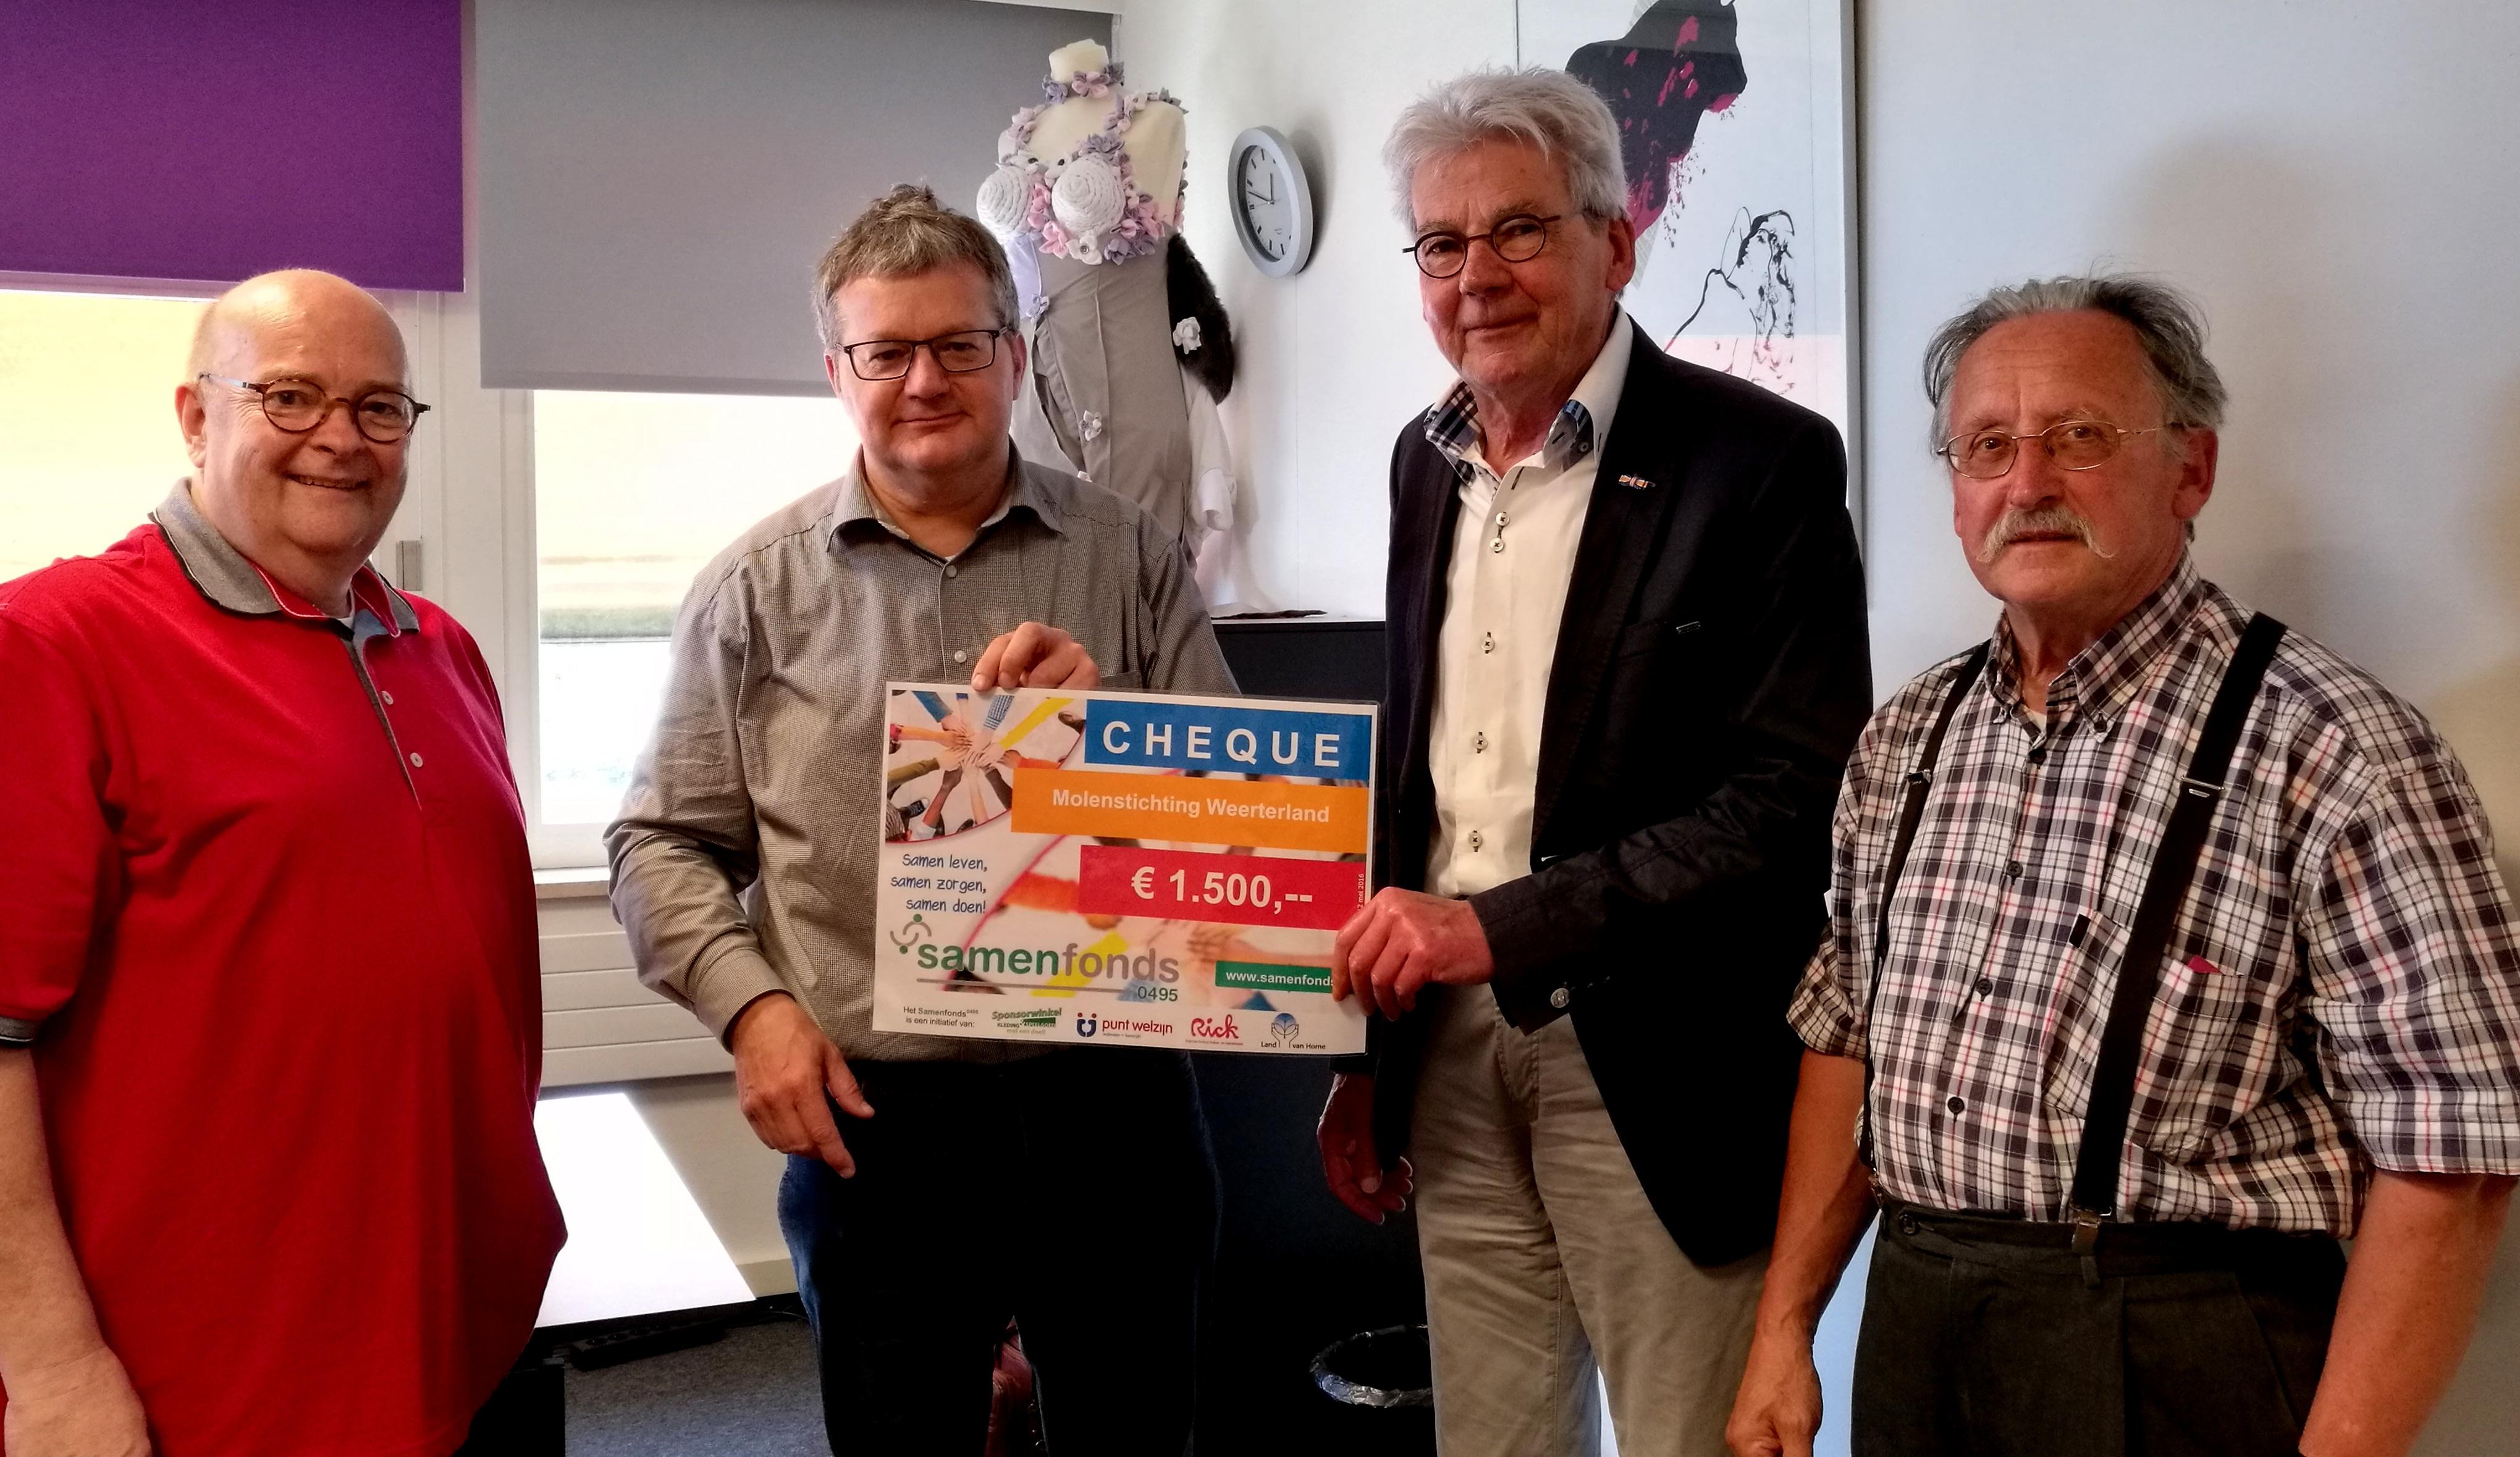 Penningmeester Frans Driessens neemt de cheque in ontvangst